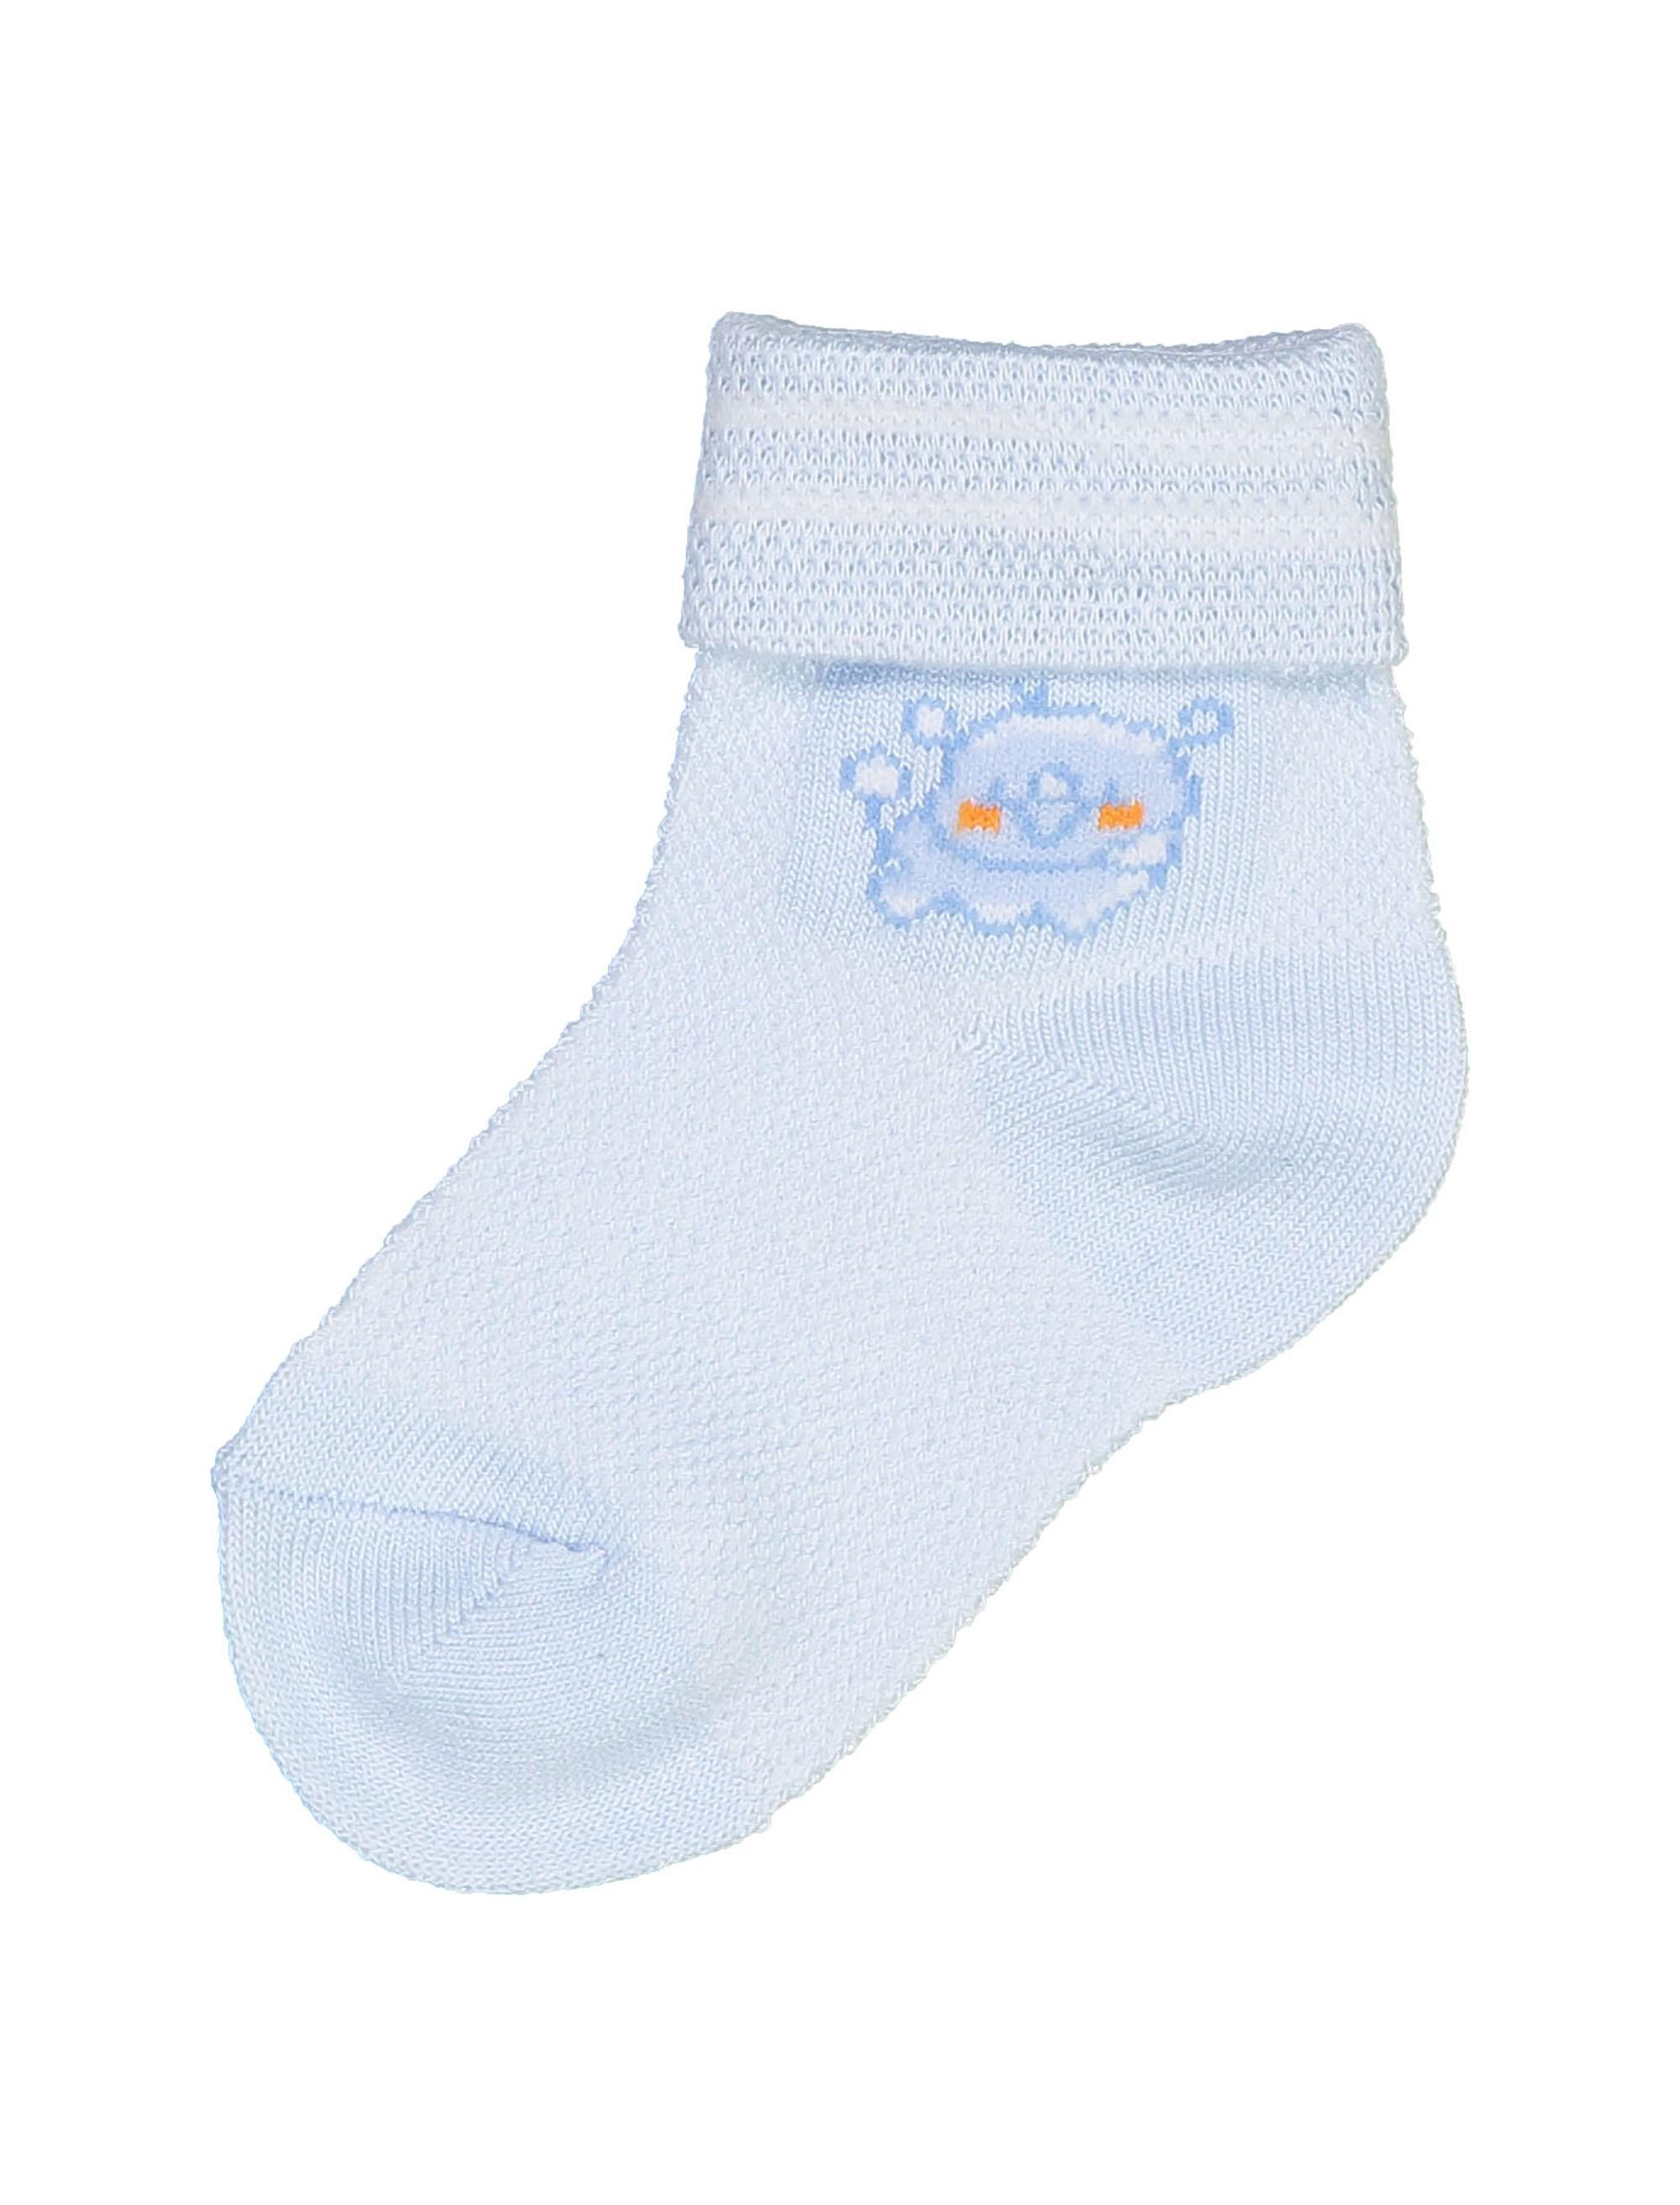 جوراب نخی ساده نوزادی بسته 2 عددی - آبي و سفيد - 4